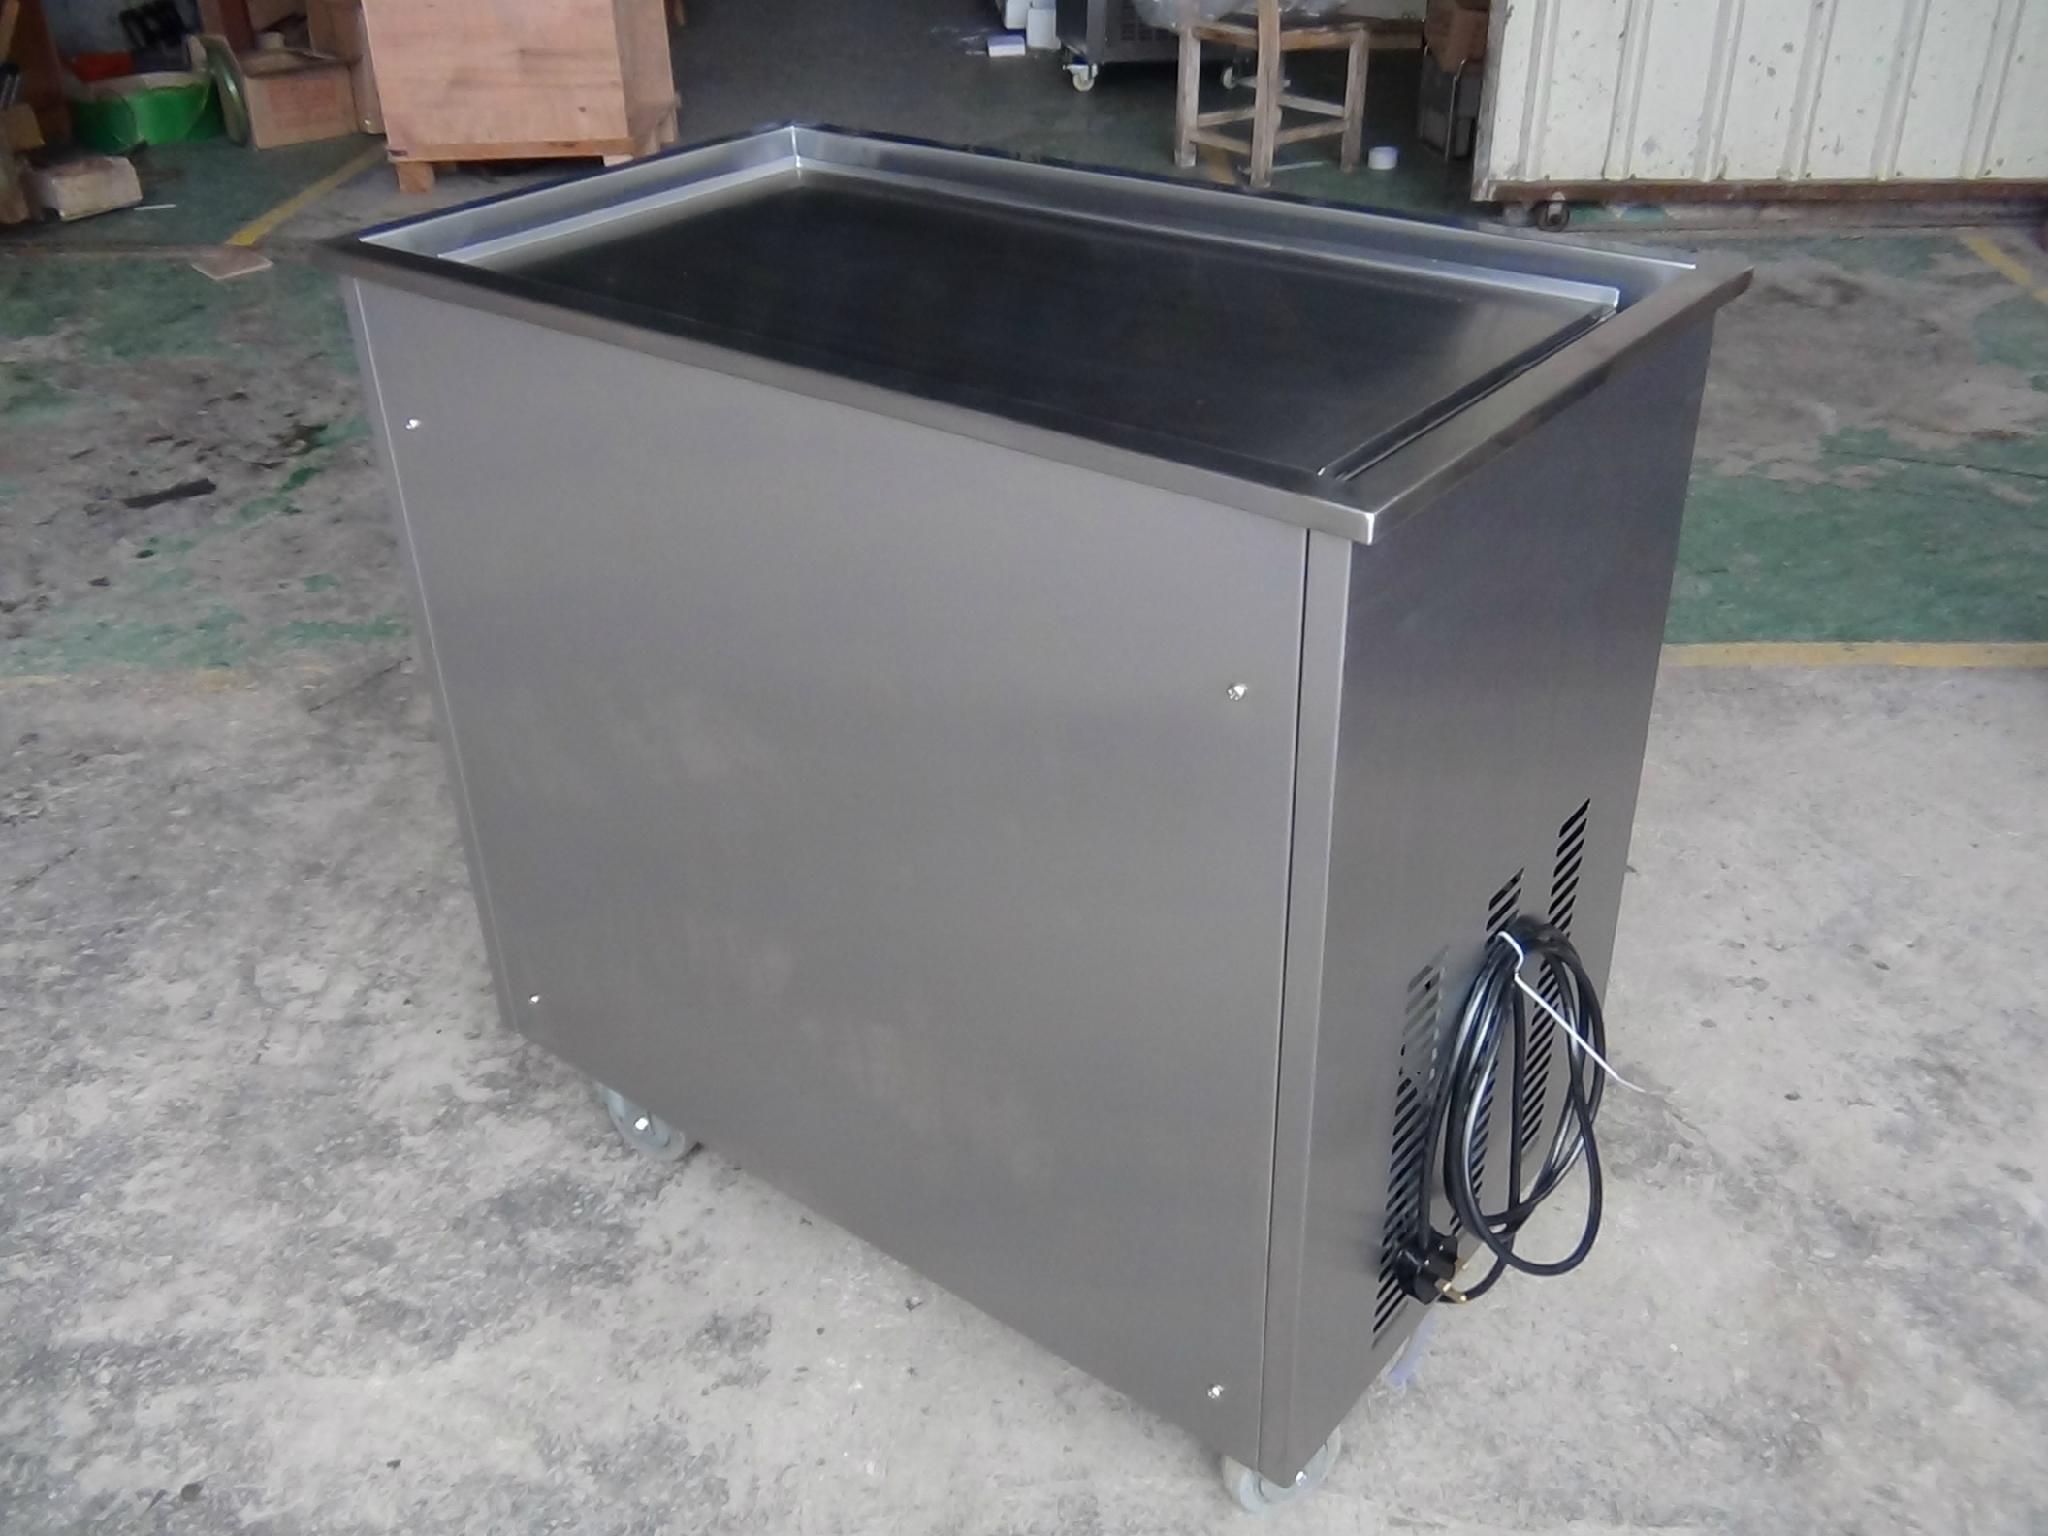 CB-100方盤炒冰機,炒冰機什麼牌子好 6